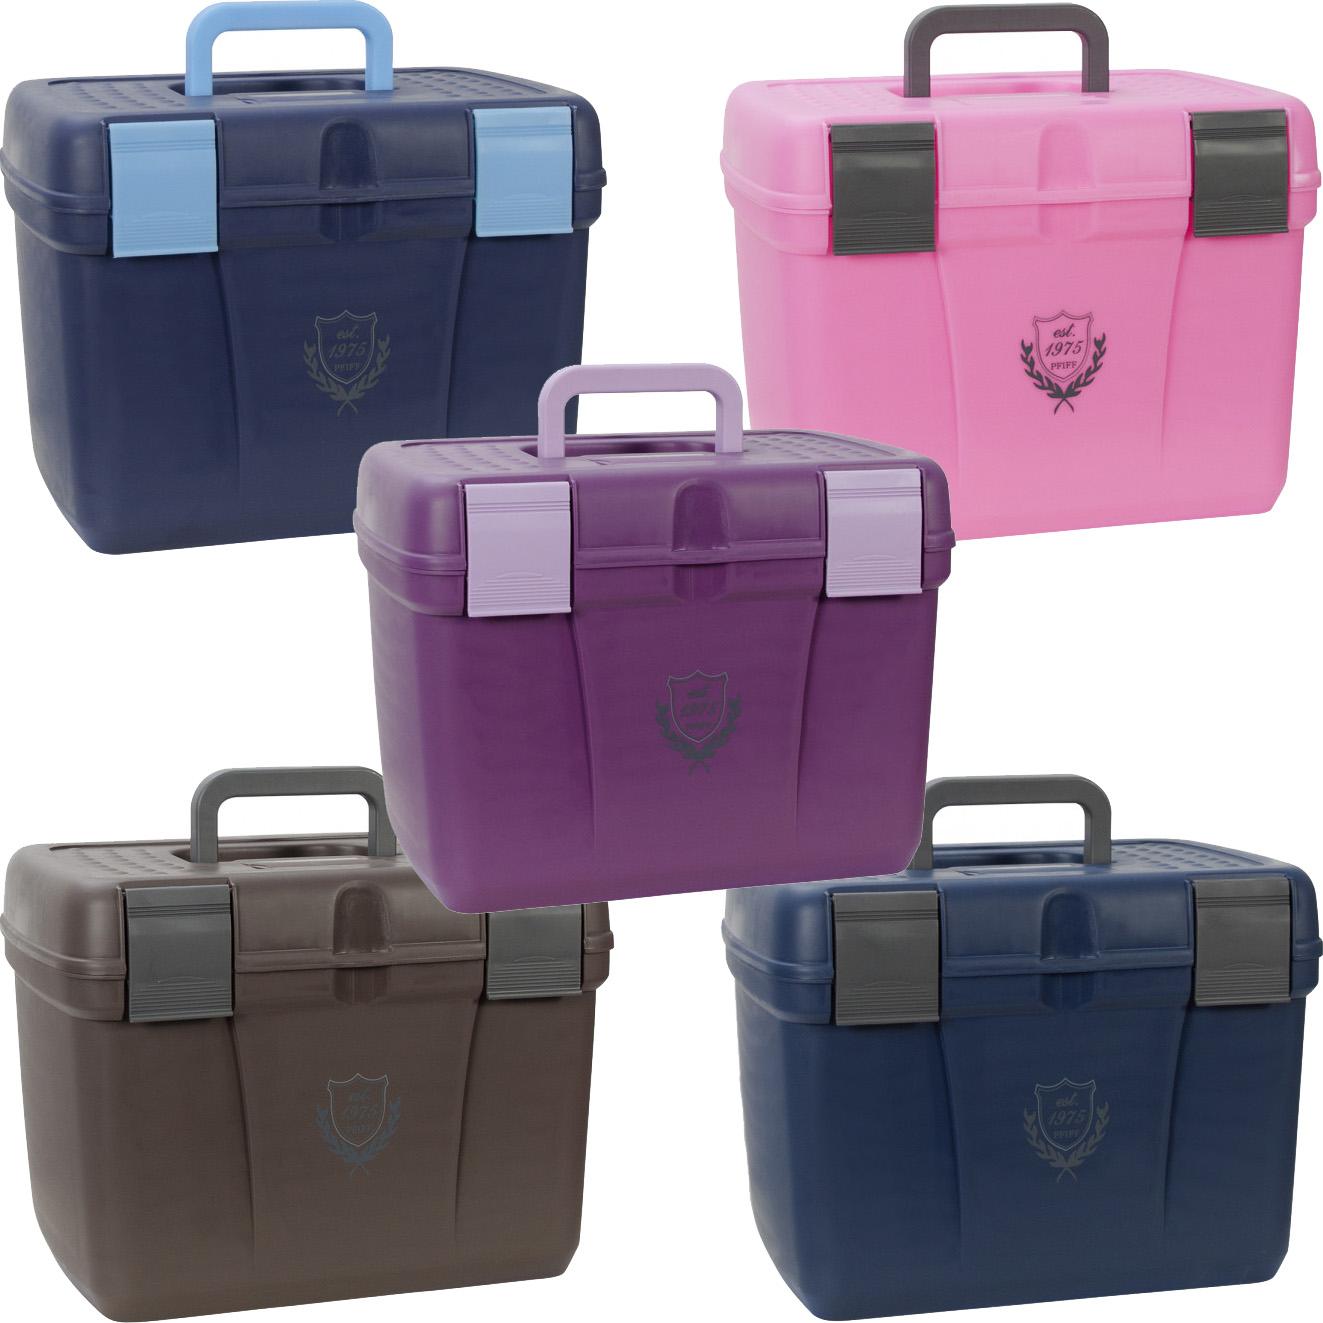 Pfiff Putzbox in 5 Farben - sehr stabil - Aufstiegshilfe